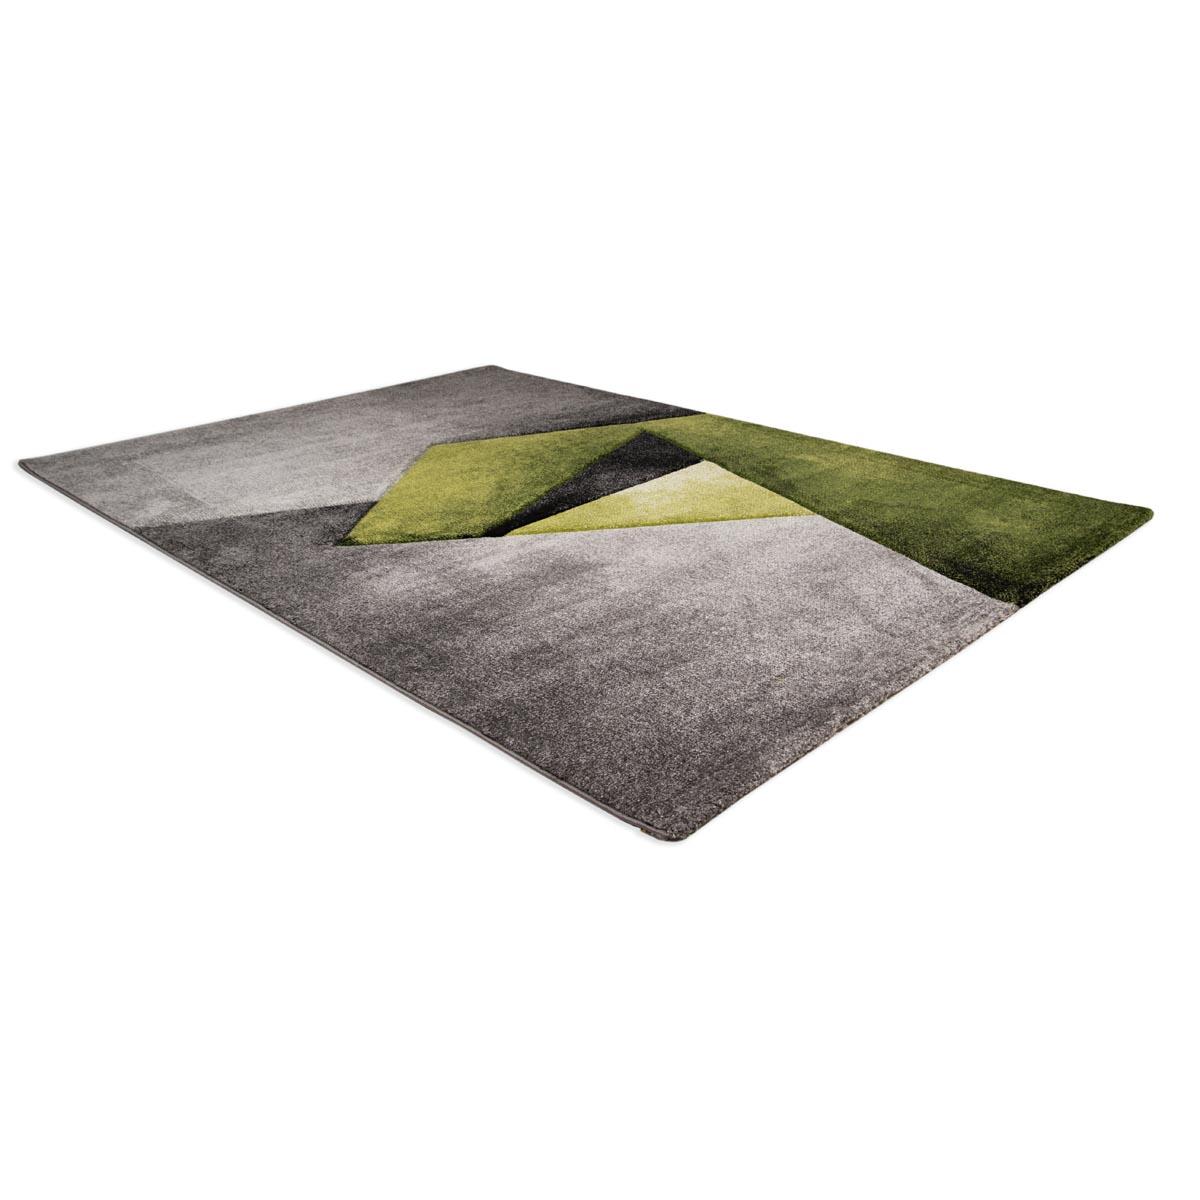 Zen matta grågrön grafiskt mönster liggande